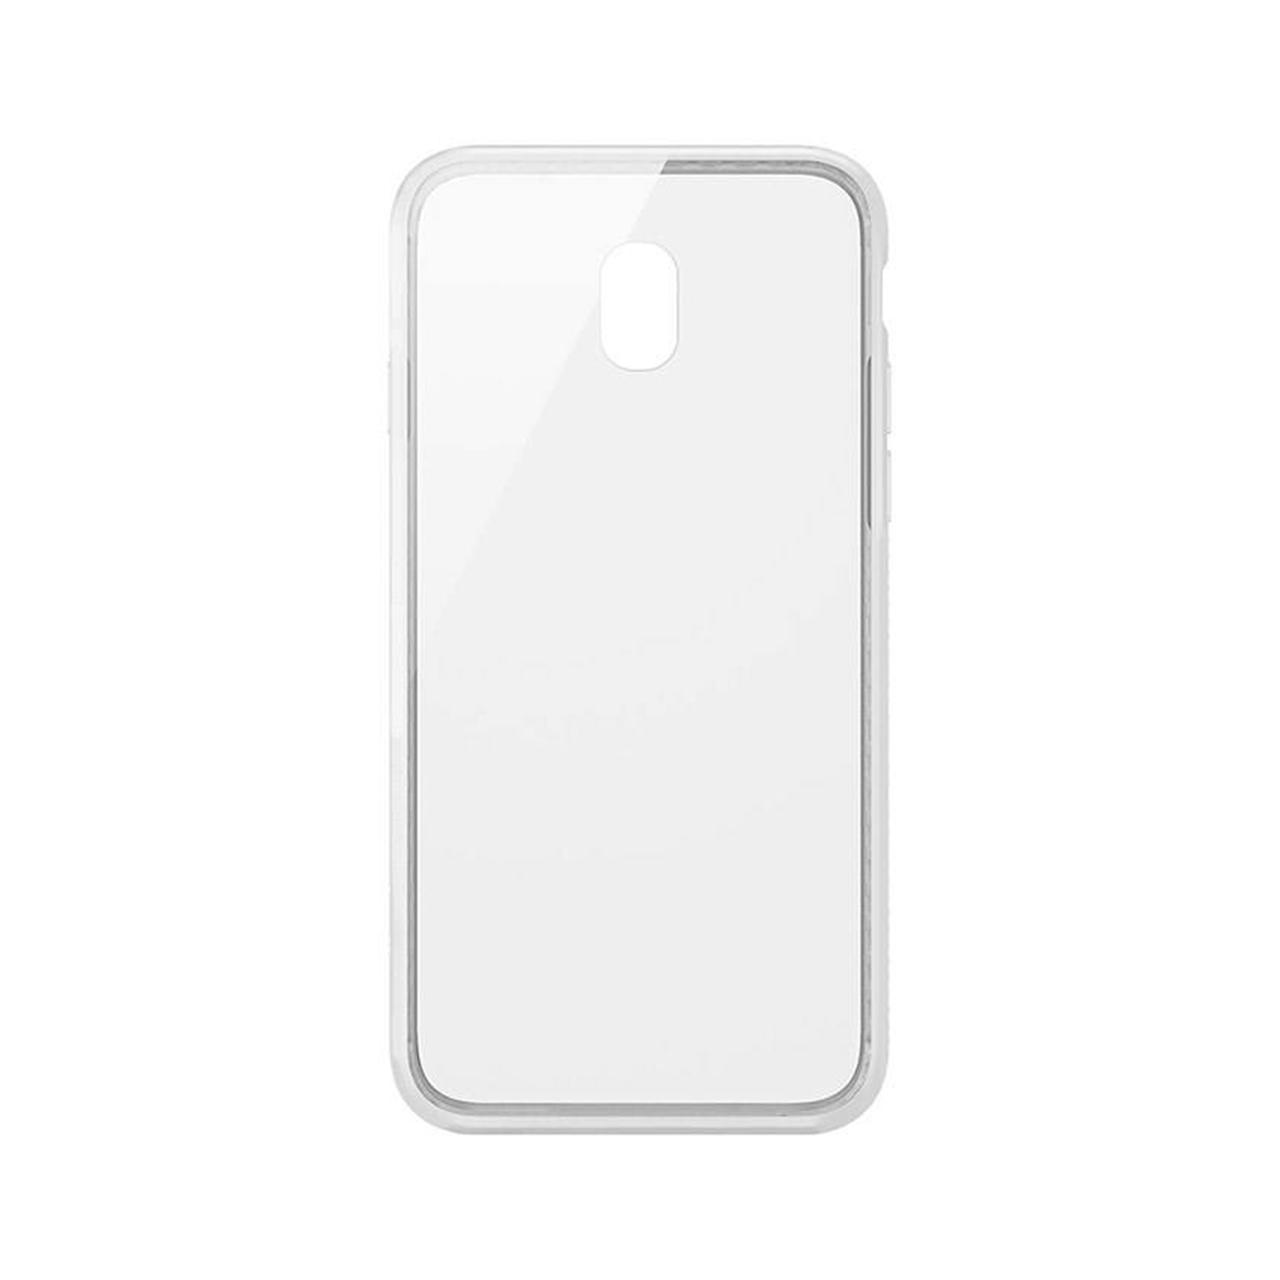 کاور مدل Clear TPU مناسب برای گوشی موبایل سامسونگ گلکسی J3 Pro 2017 / j330              ( قیمت و خرید)